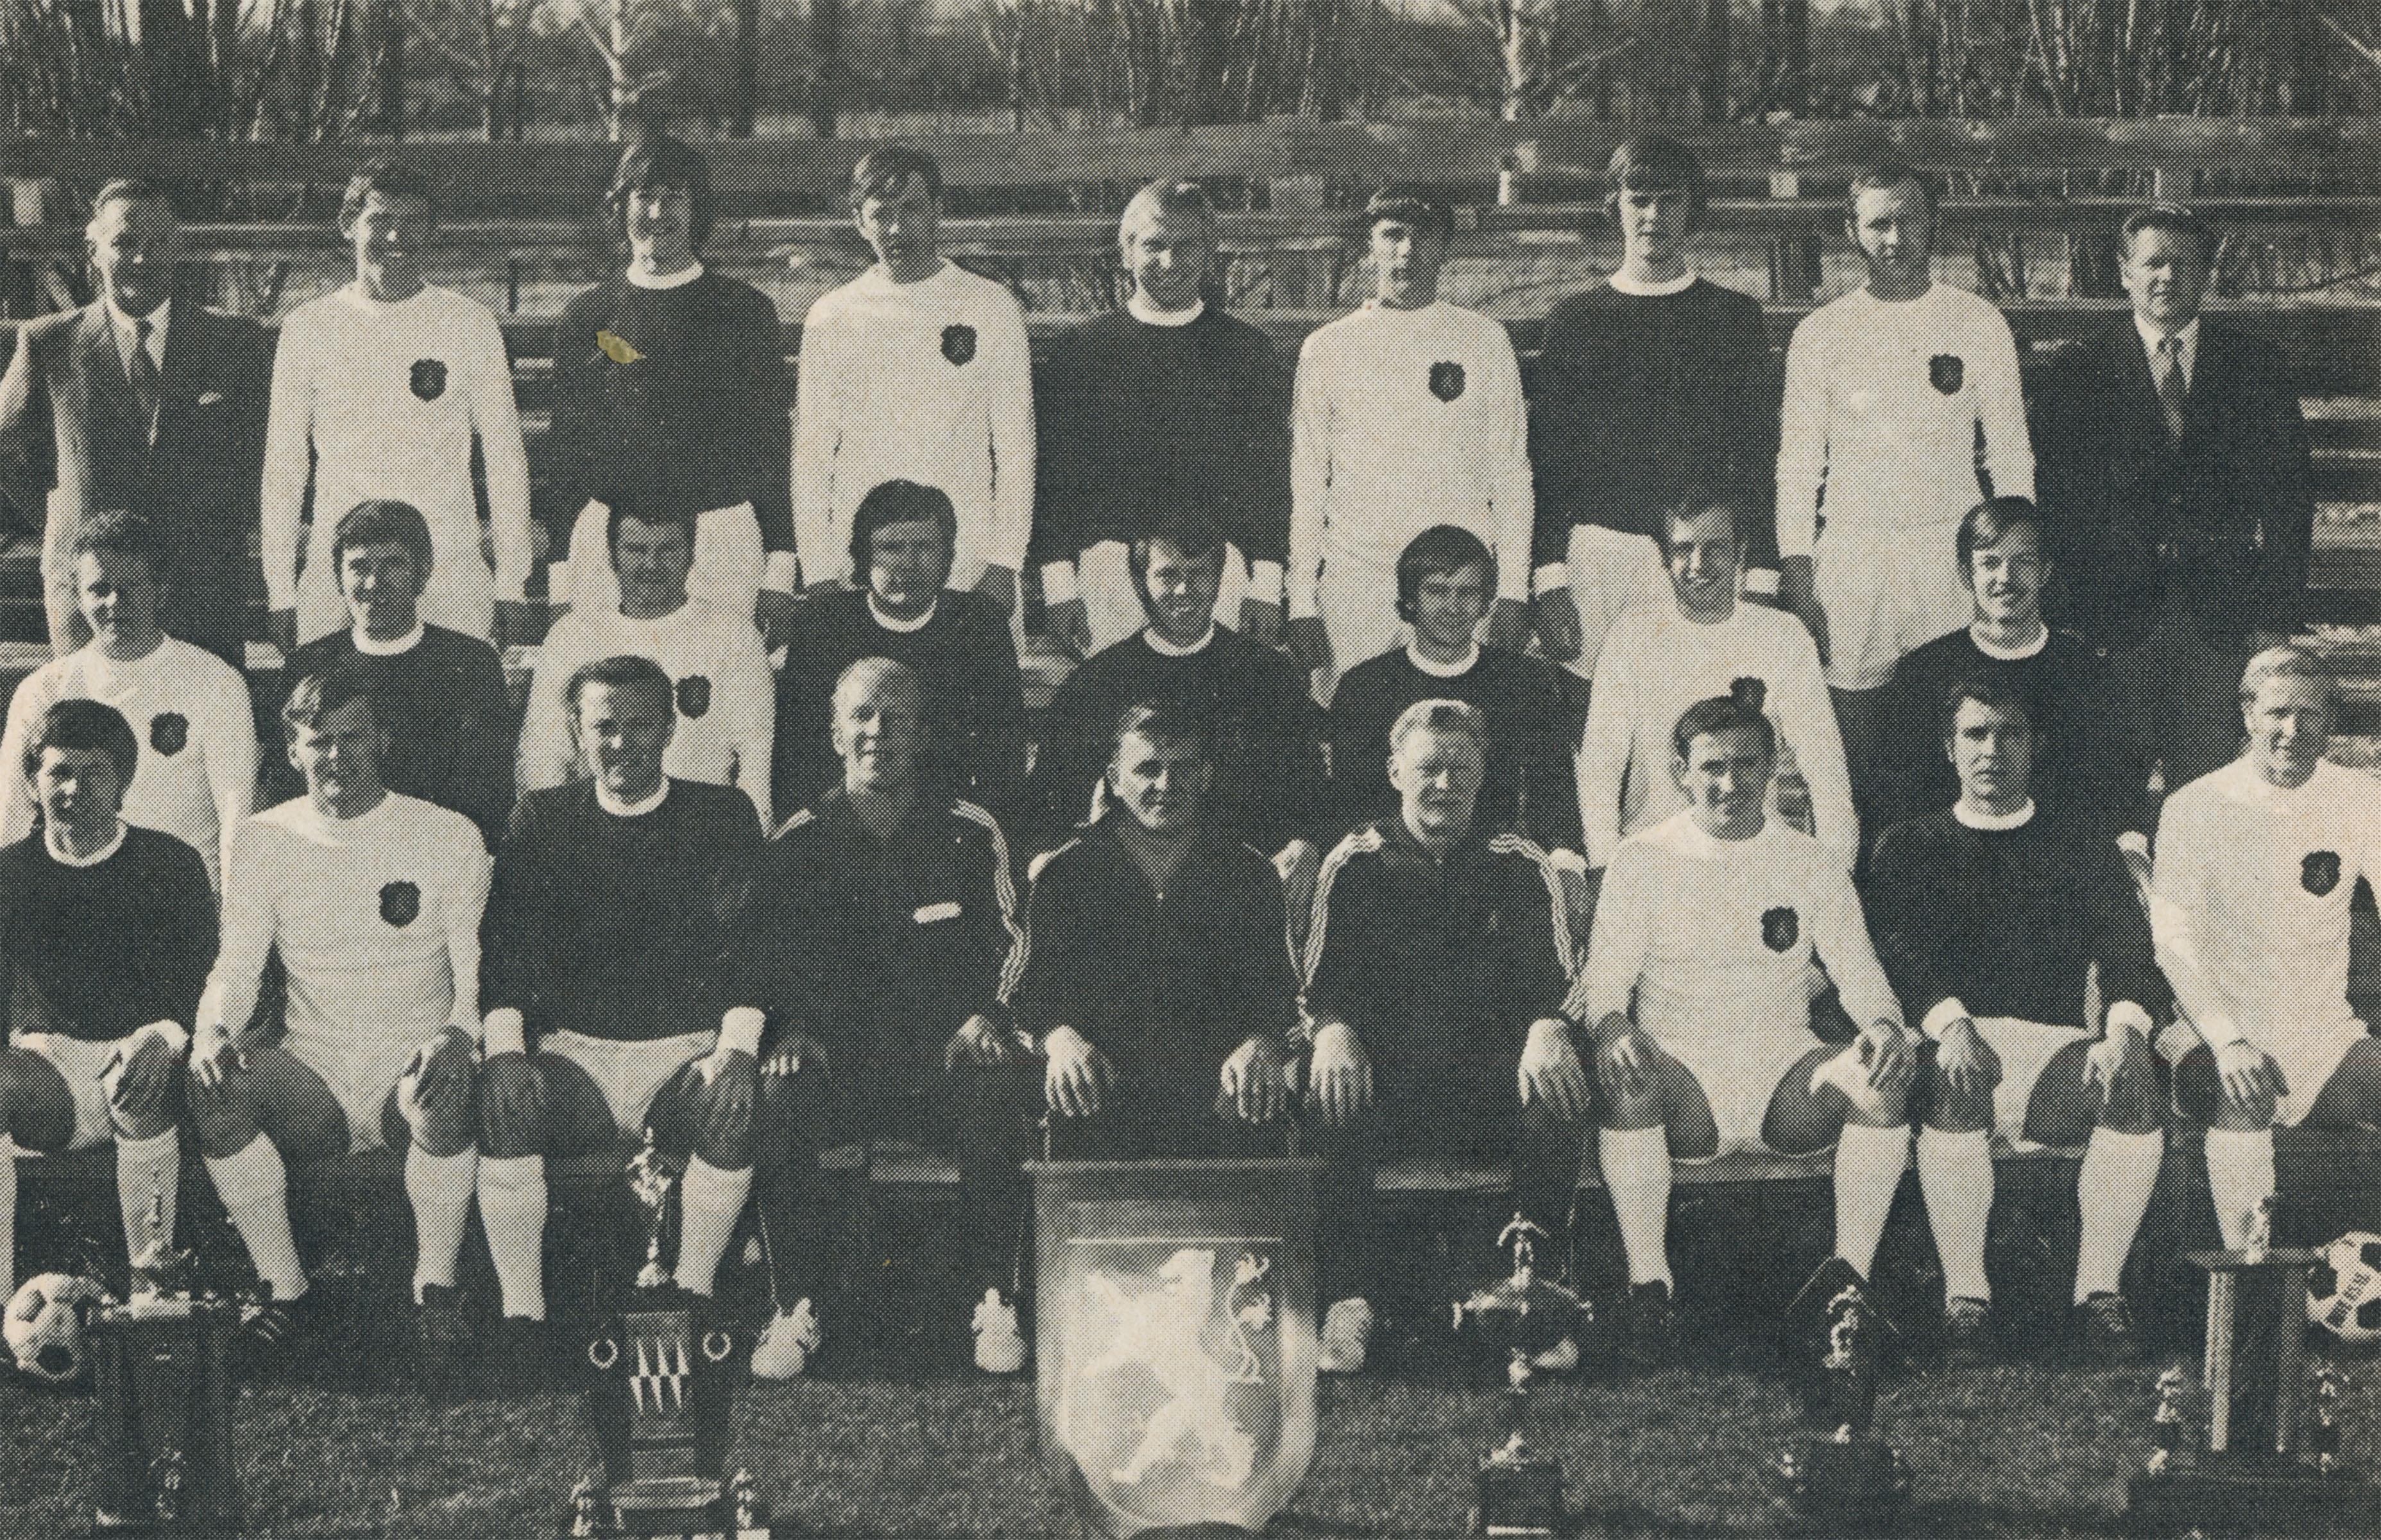 1970_St_Catharines_Heidelberg_team